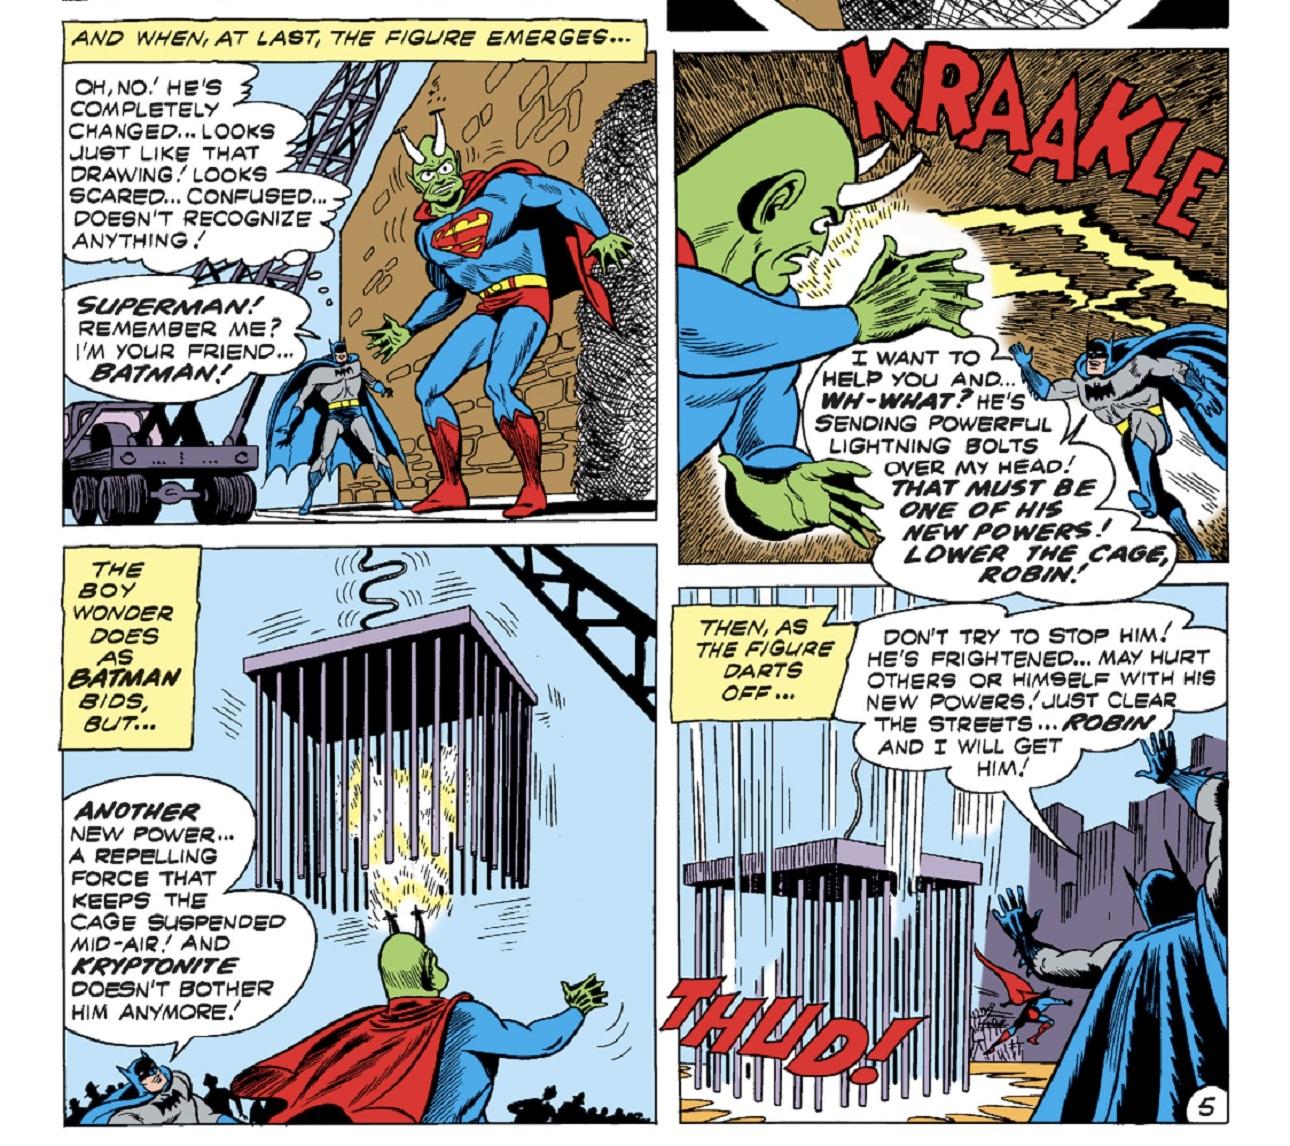 superman-alien-silver-age.jpg